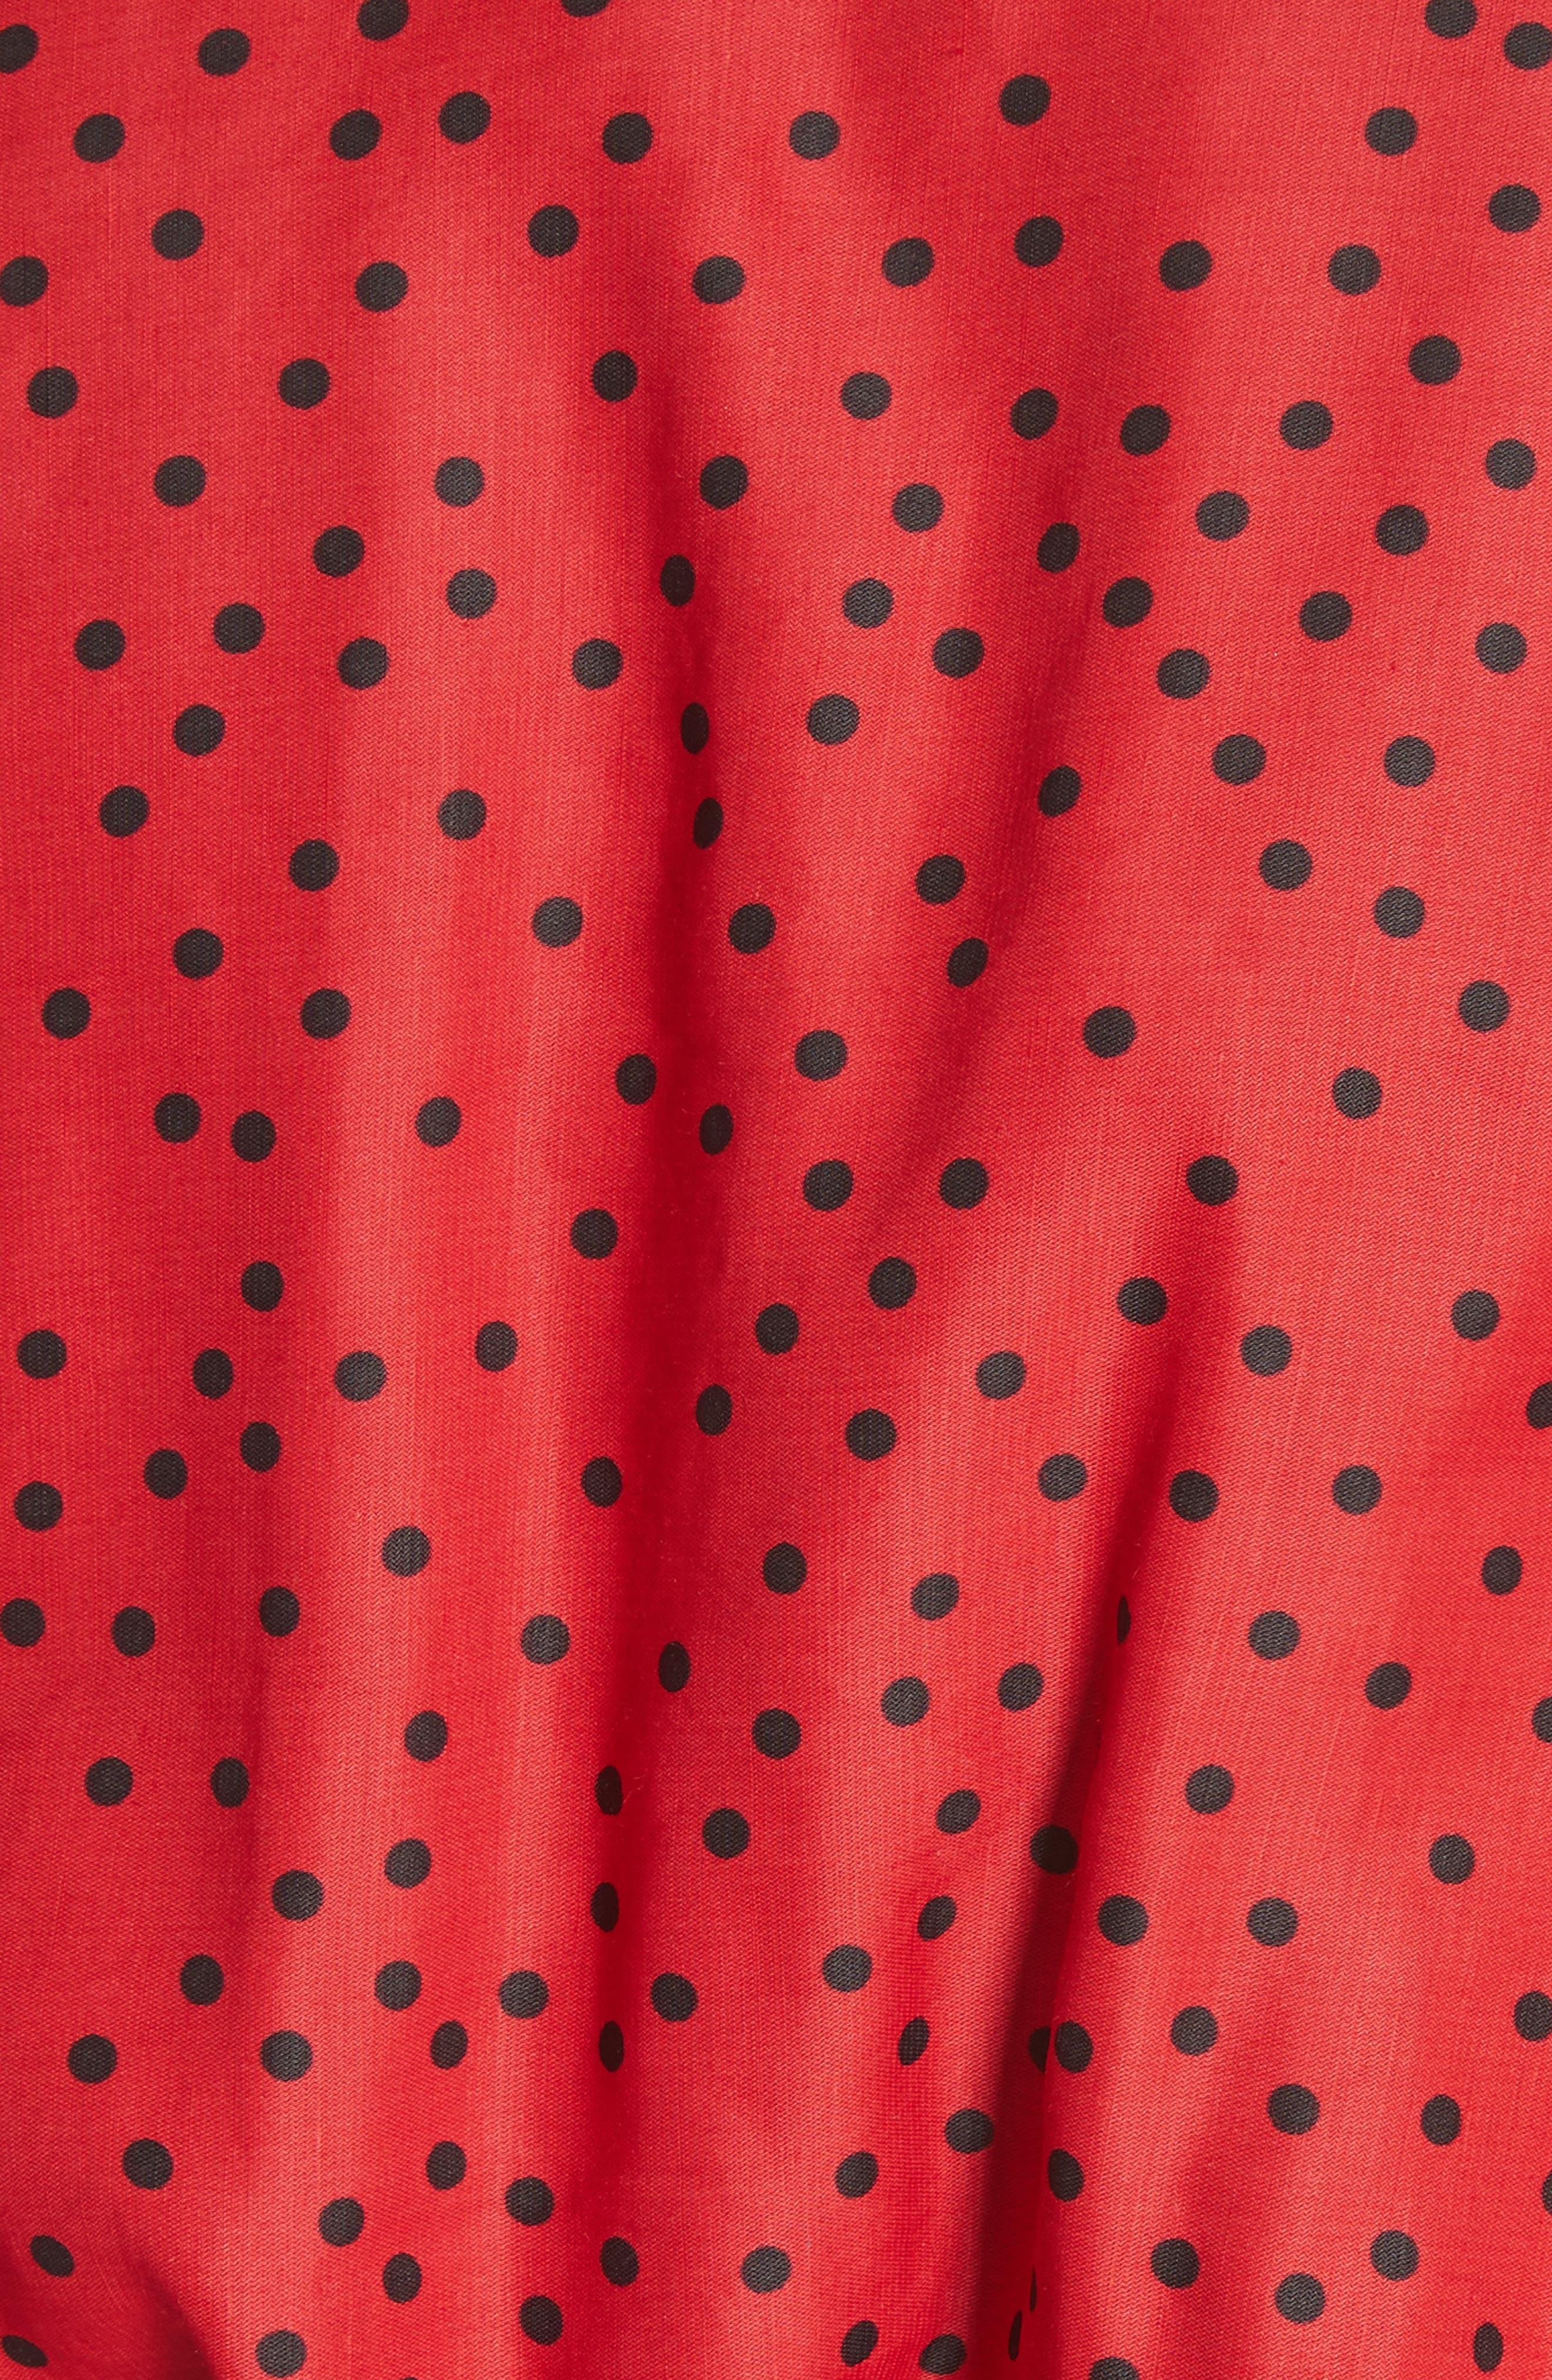 Polka Dot Linen Blend Minidress,                             Alternate thumbnail 6, color,                             Red